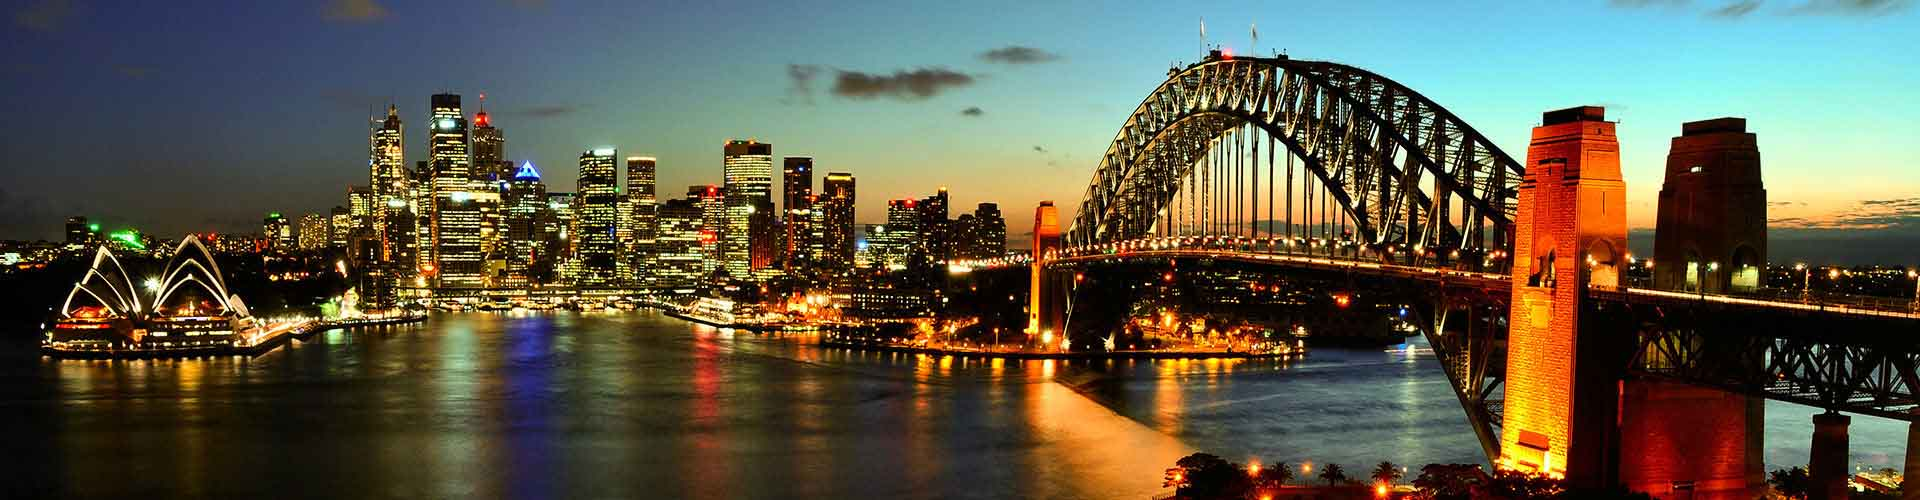 悉尼 – Elizabeth Bay区的公寓。悉尼地图,悉尼每间公寓的照片和评价。